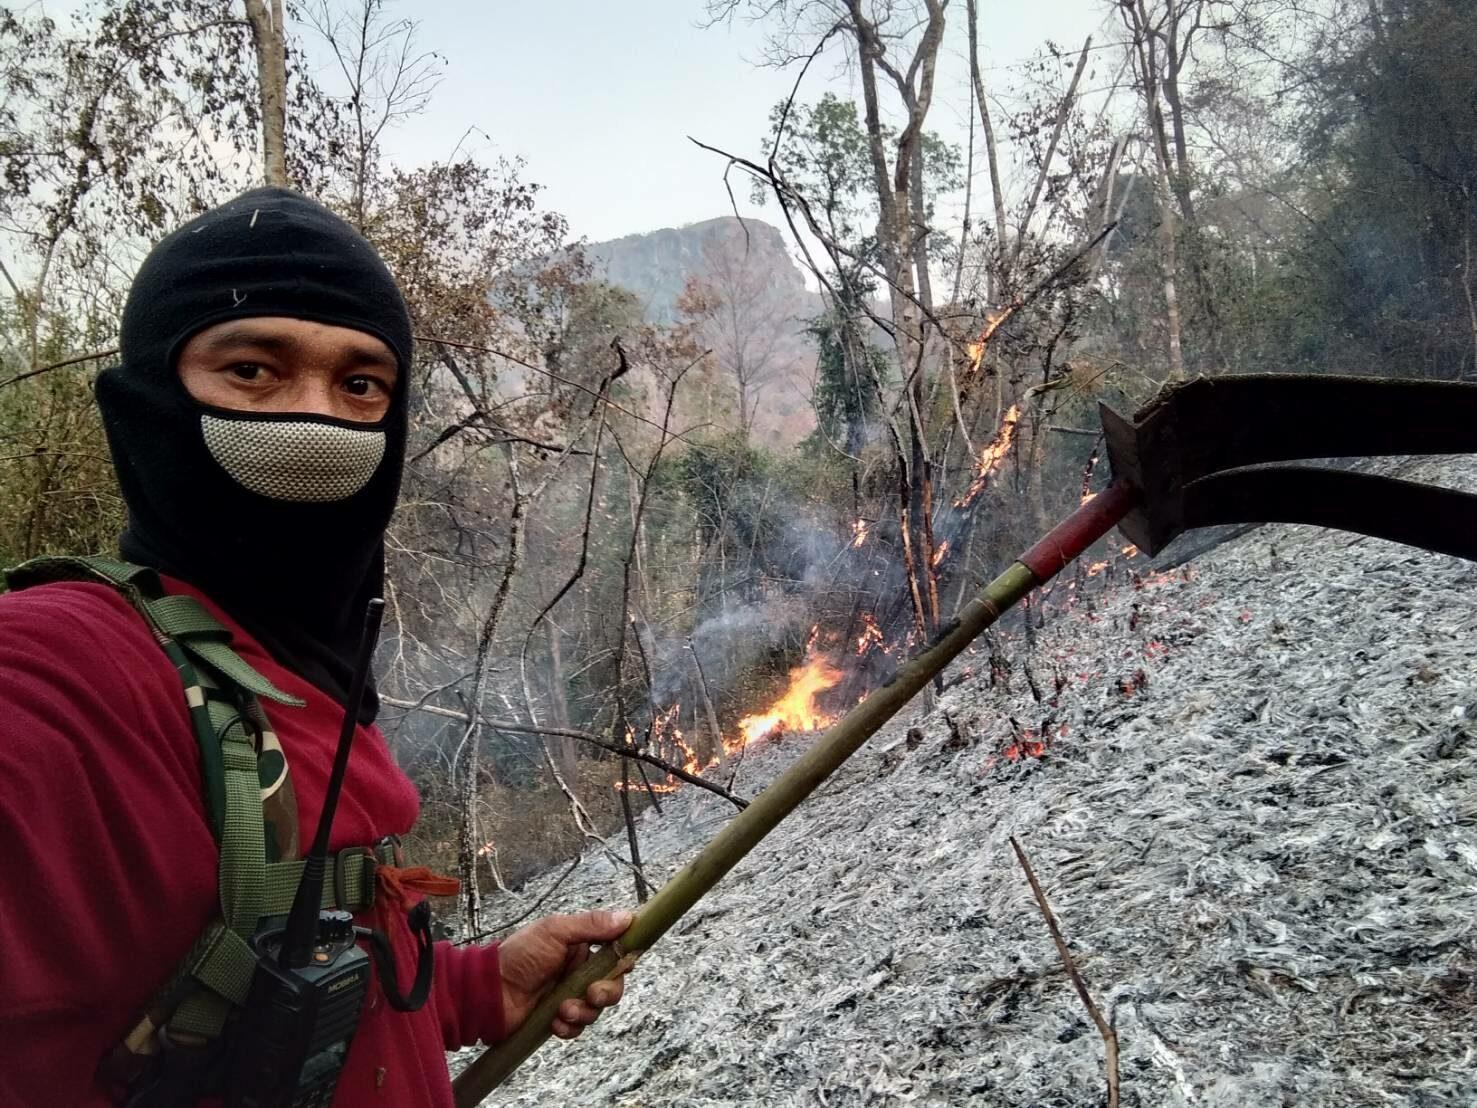 'เลย' ออกประกาศทุกหมู่บ้านเป็นเขตควบคุมไฟป่า แต่ PM.2.5 พุ่งสูงต่อเนื่อง